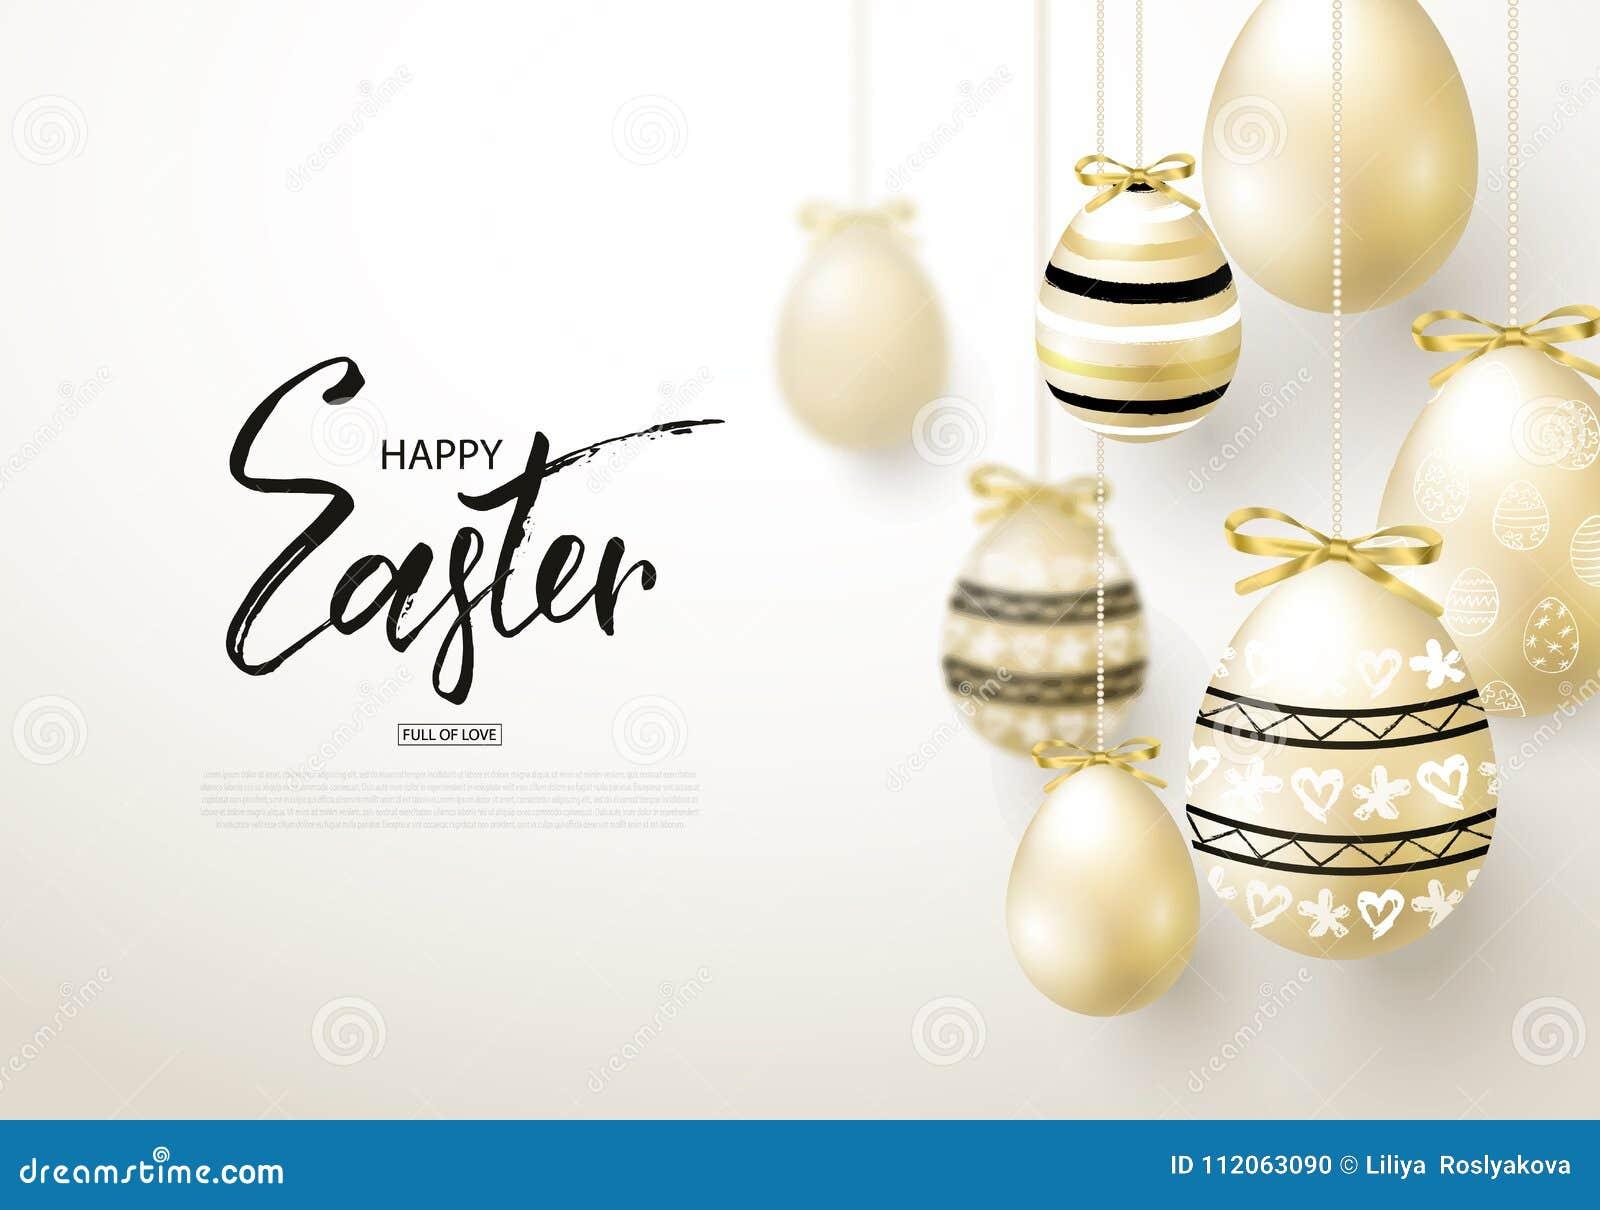 Szczęśliwy Wielkanocny tło z realistycznym złotym połyskiem dekorował jajka Projekta układ dla zaproszenia, kartka z pozdrowienia